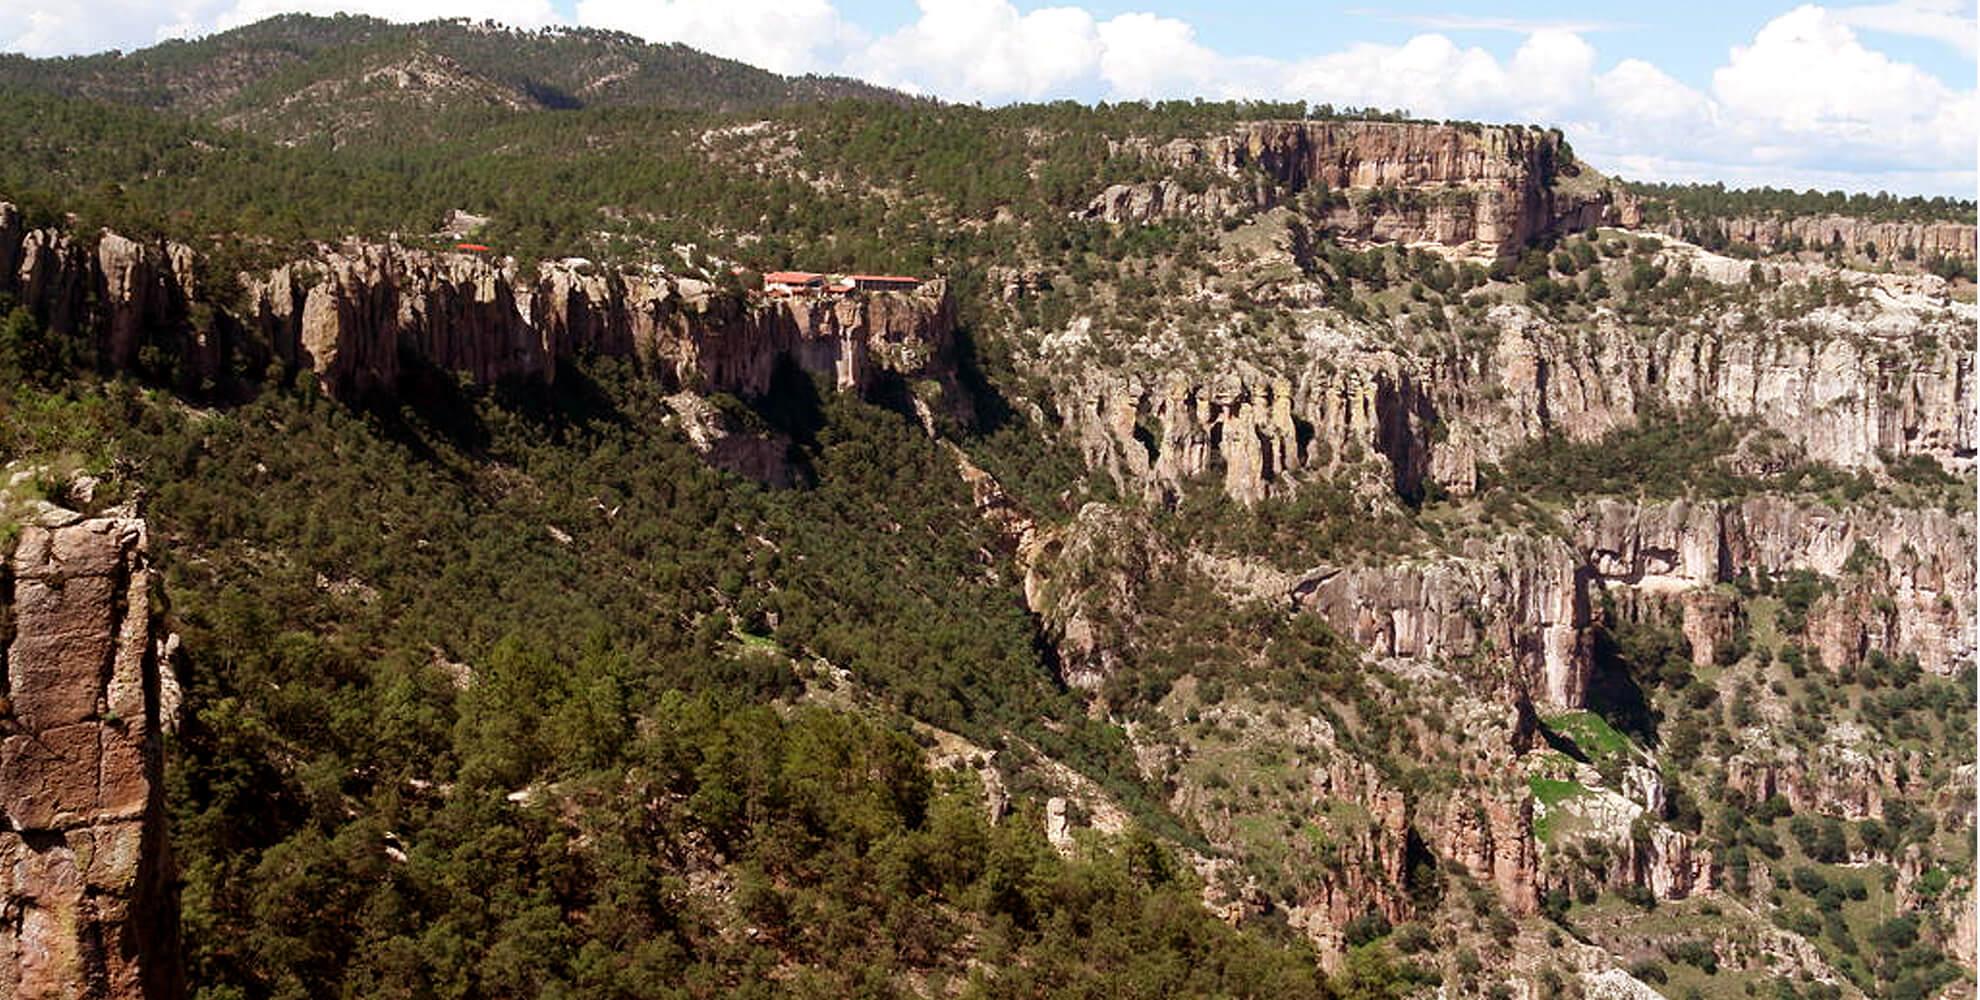 Barranca del Cobre